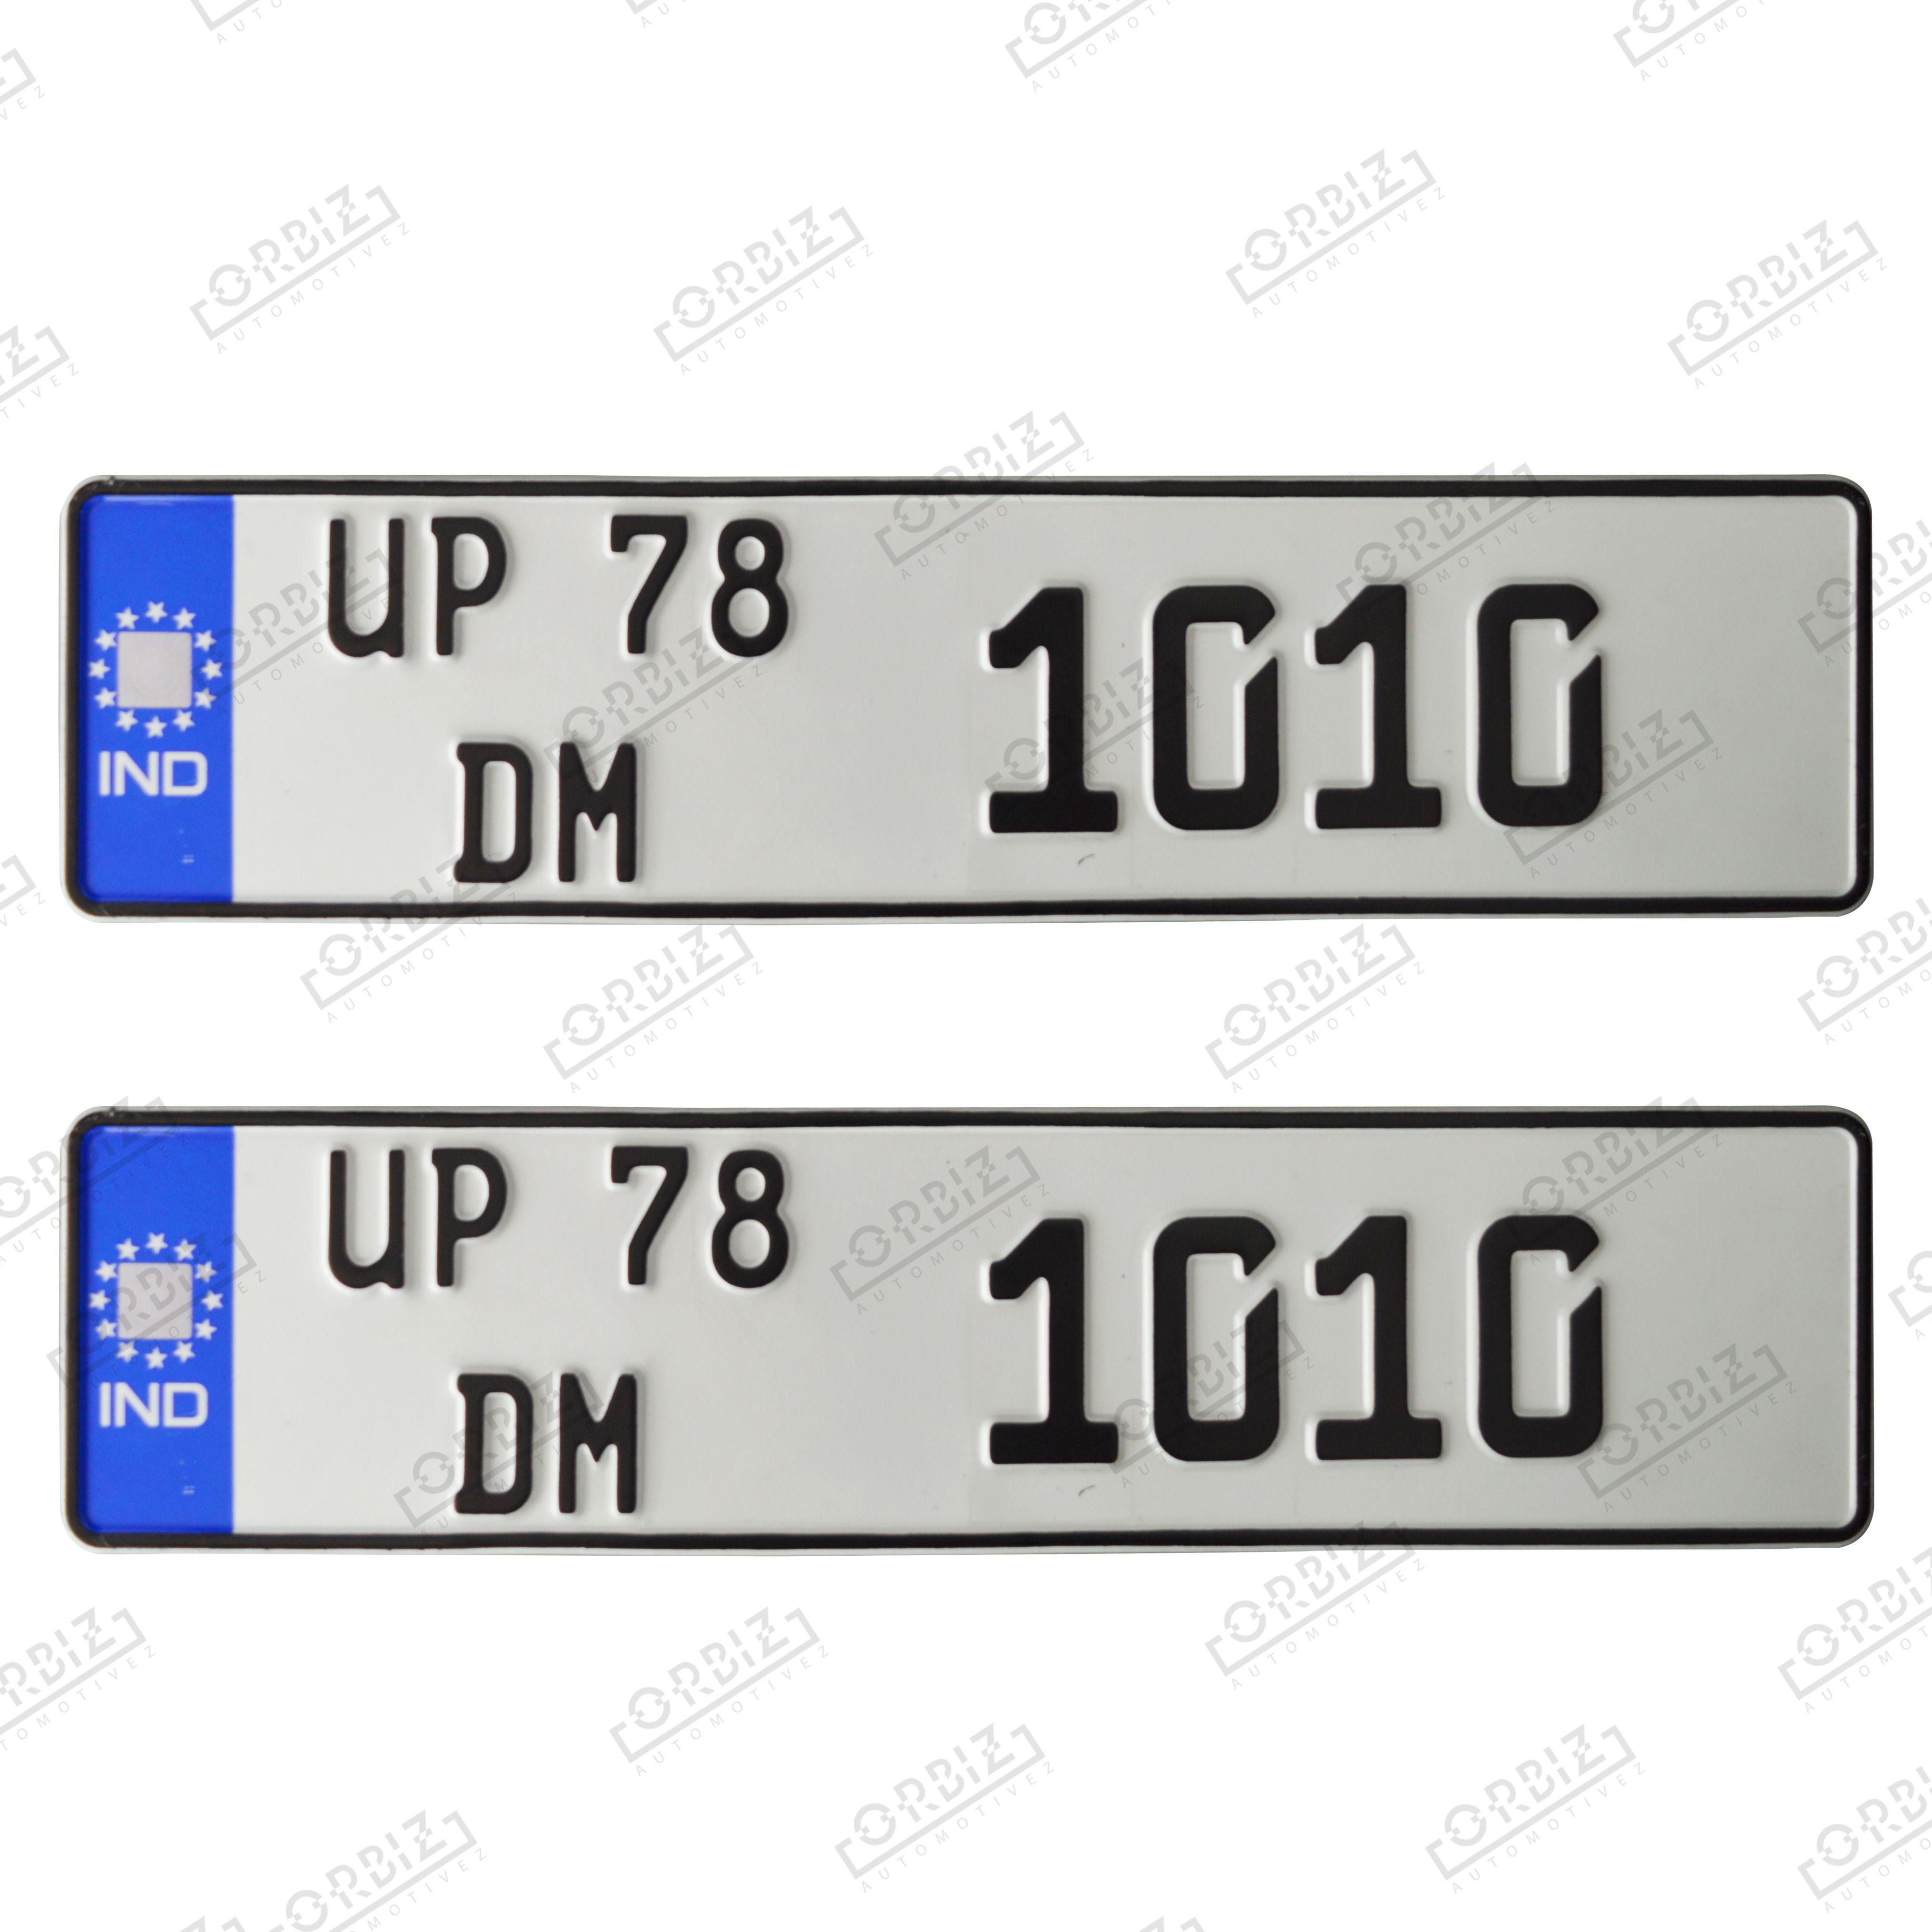 Car Number Plate Design Online Car Number Plates Number Plate